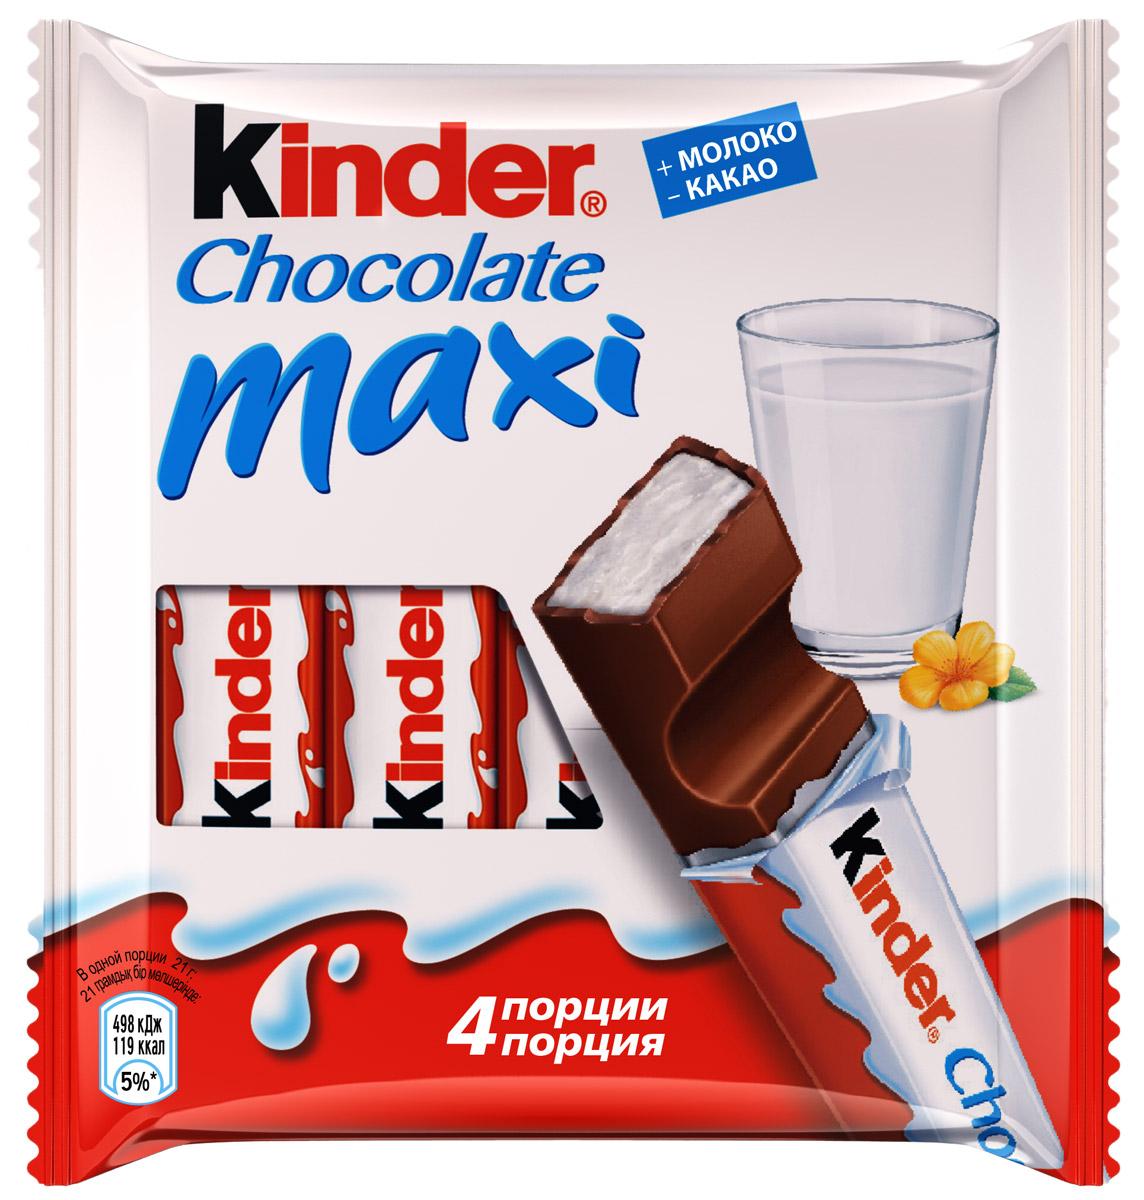 Kinder Chocolate Maxi шоколадный батончик молочный, 4 шт по 21 г kinder mix лось подарочный набор с игрушкой 137 5 г